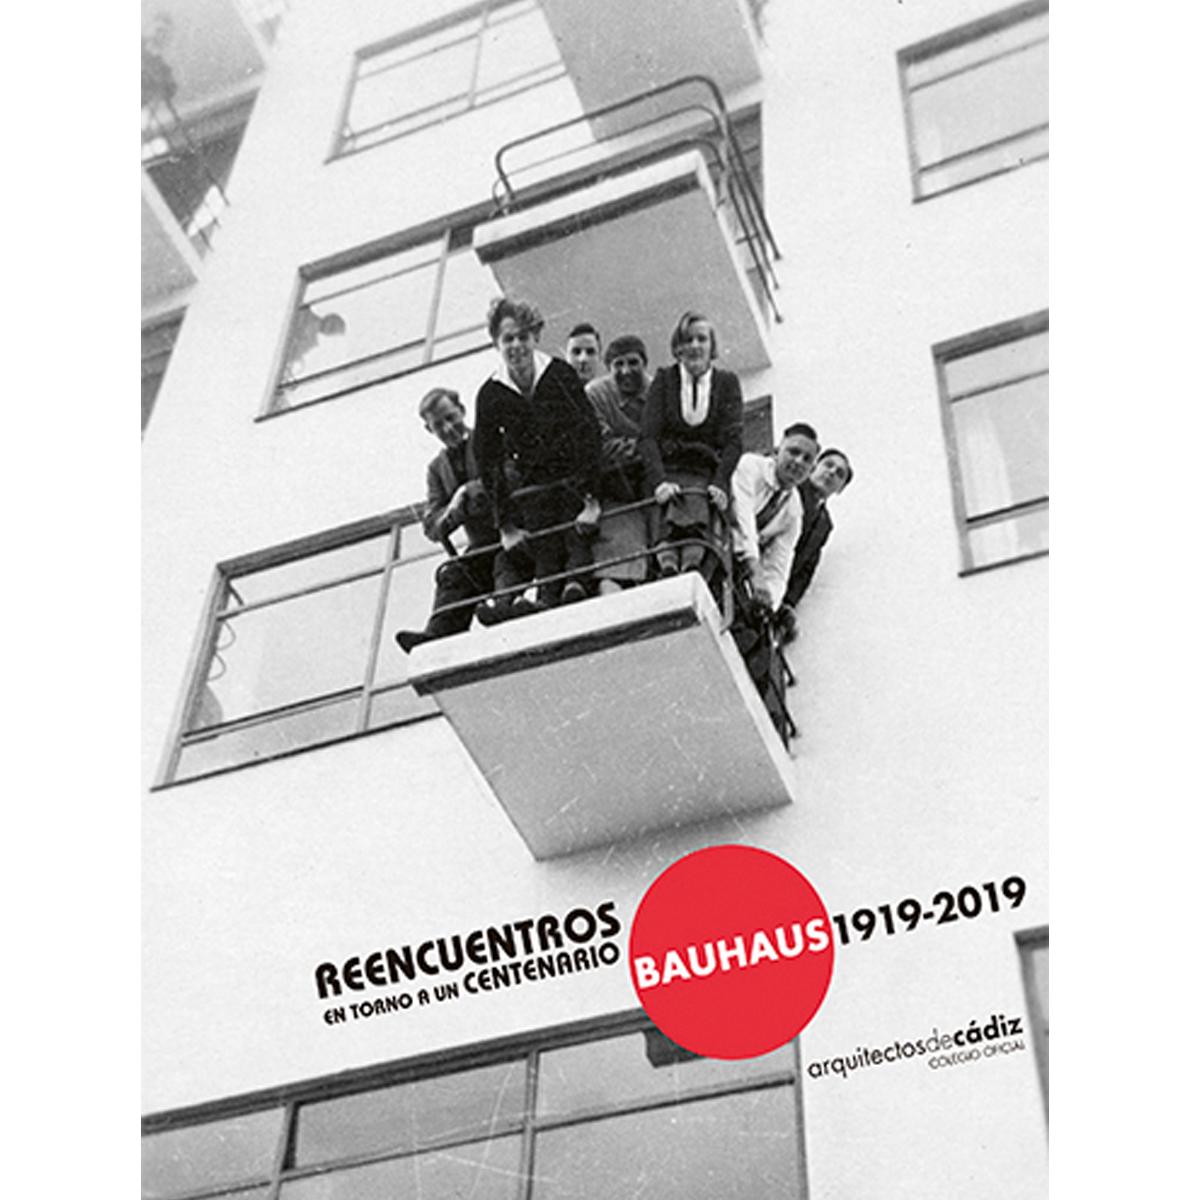 Reencuentros en torno a un centenario. Bauhaus, 1919-2019